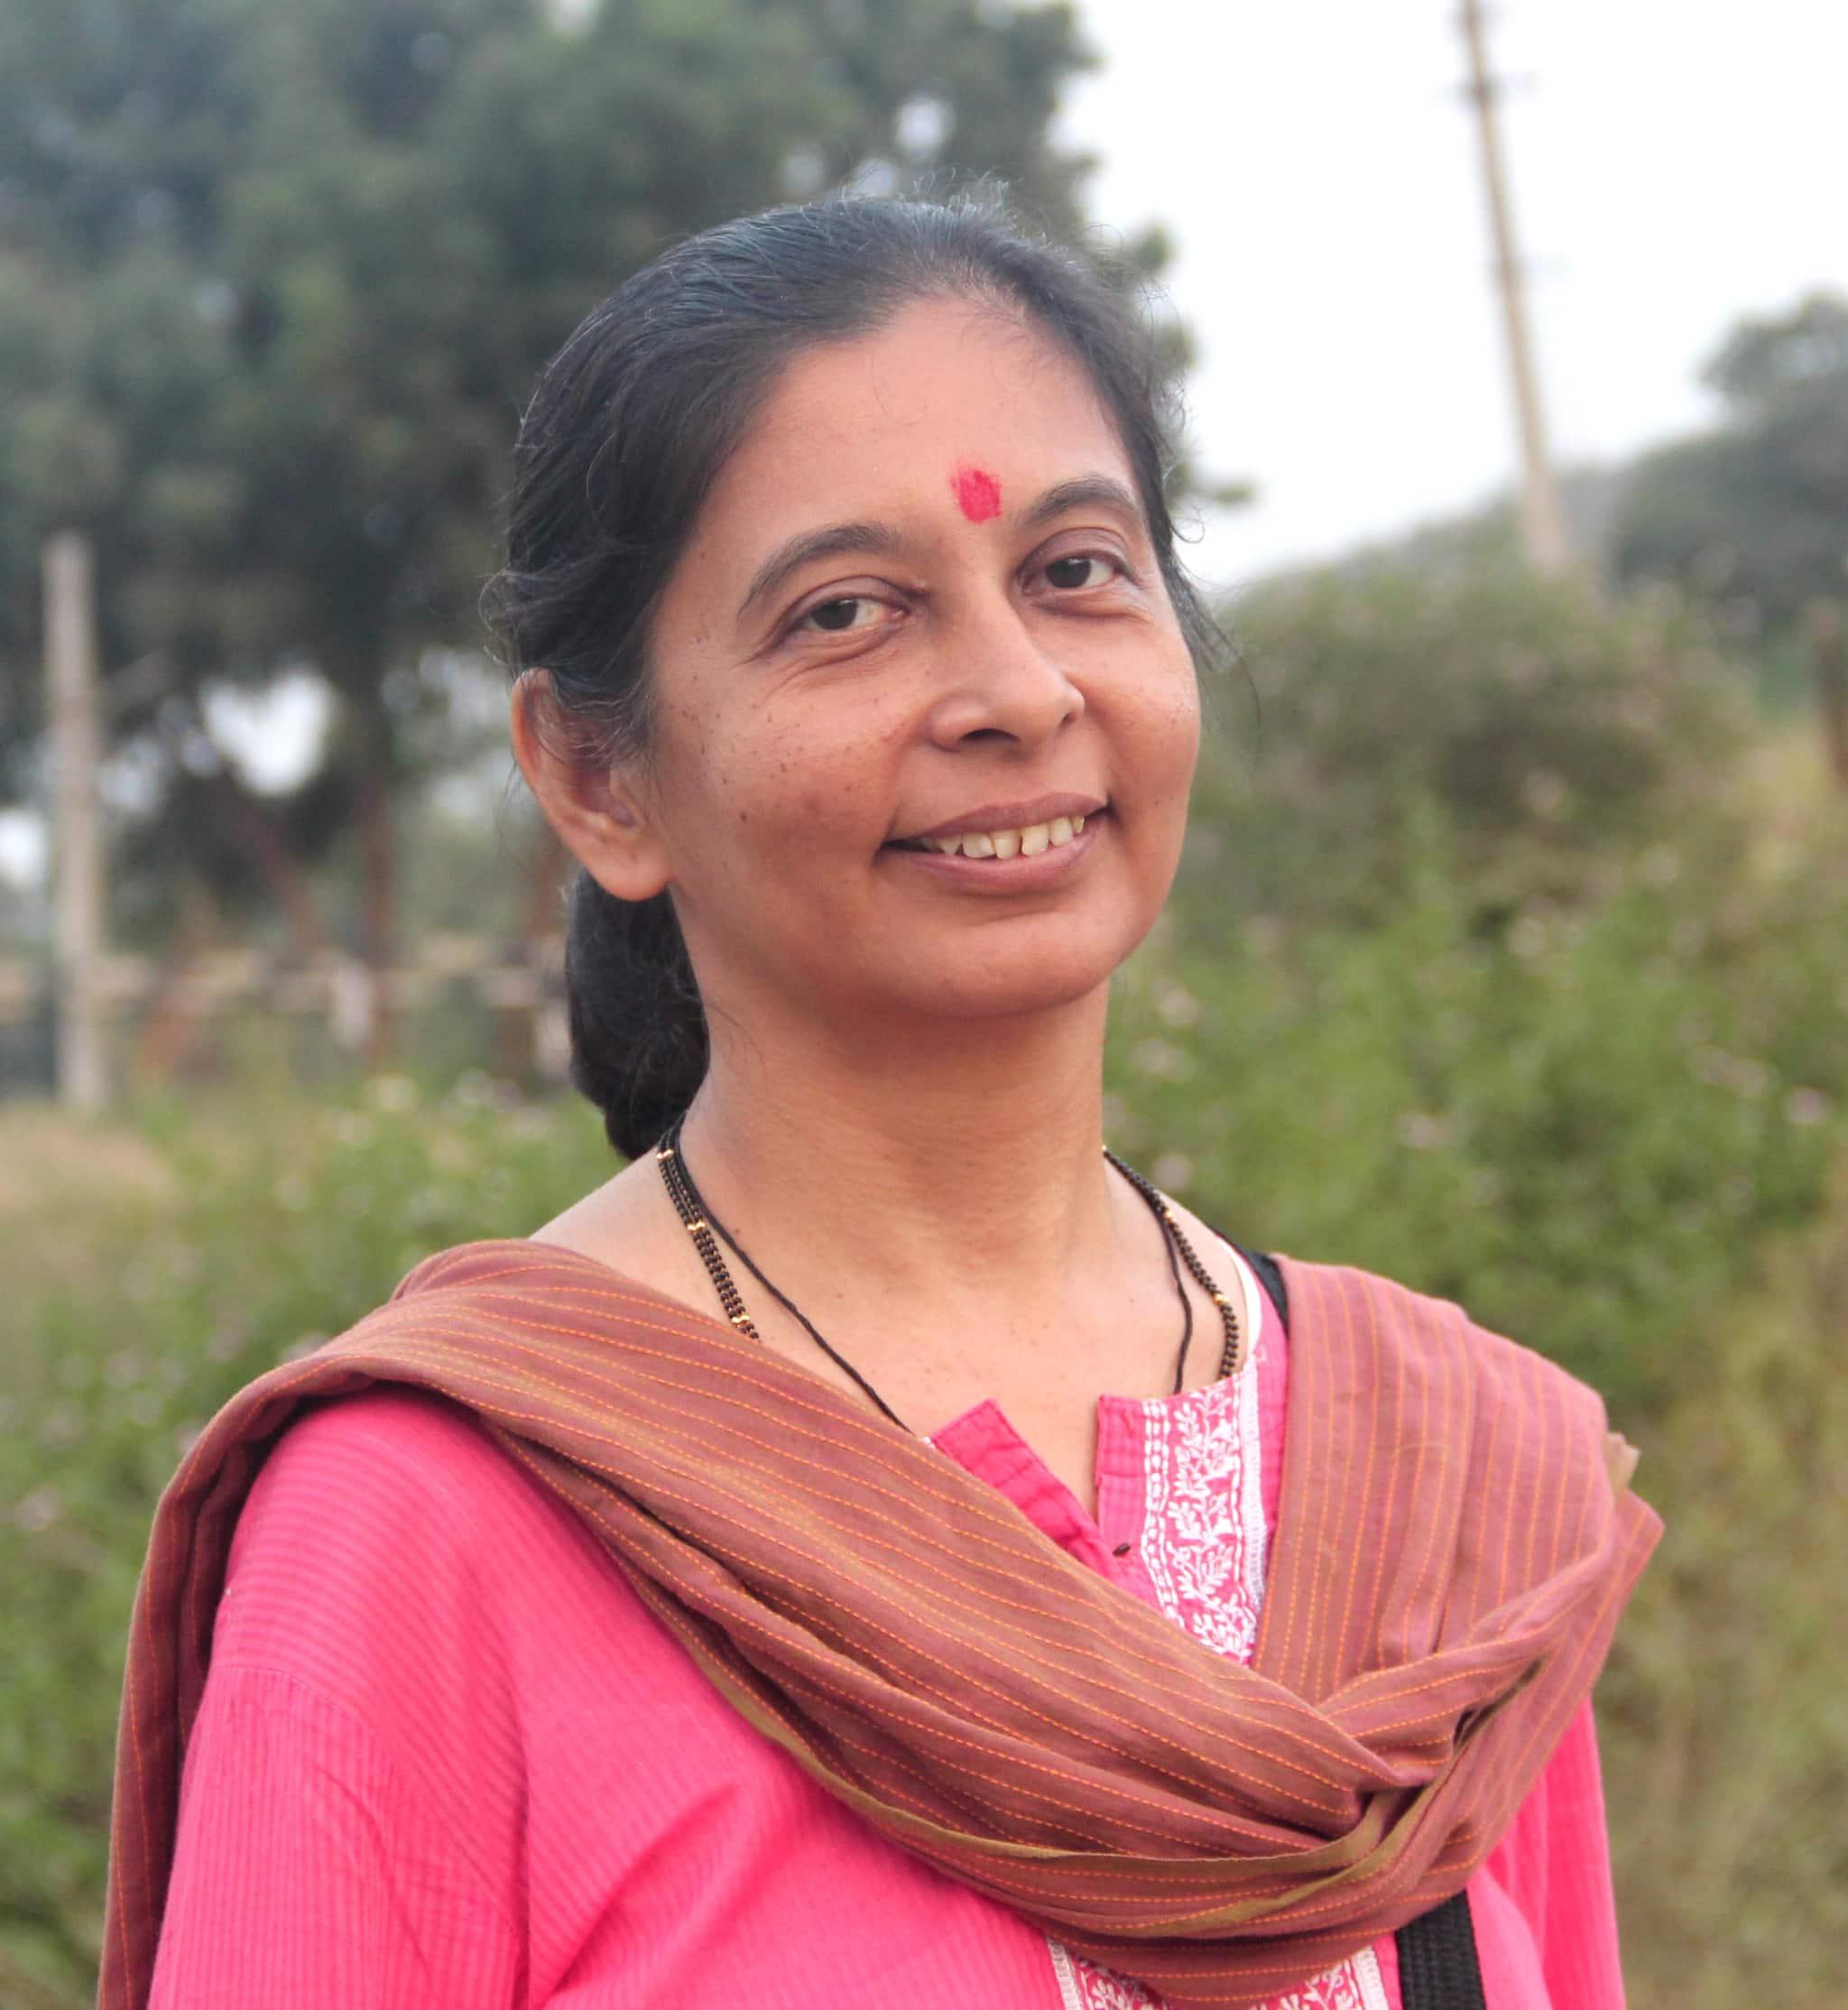 Saukhyam anju bist